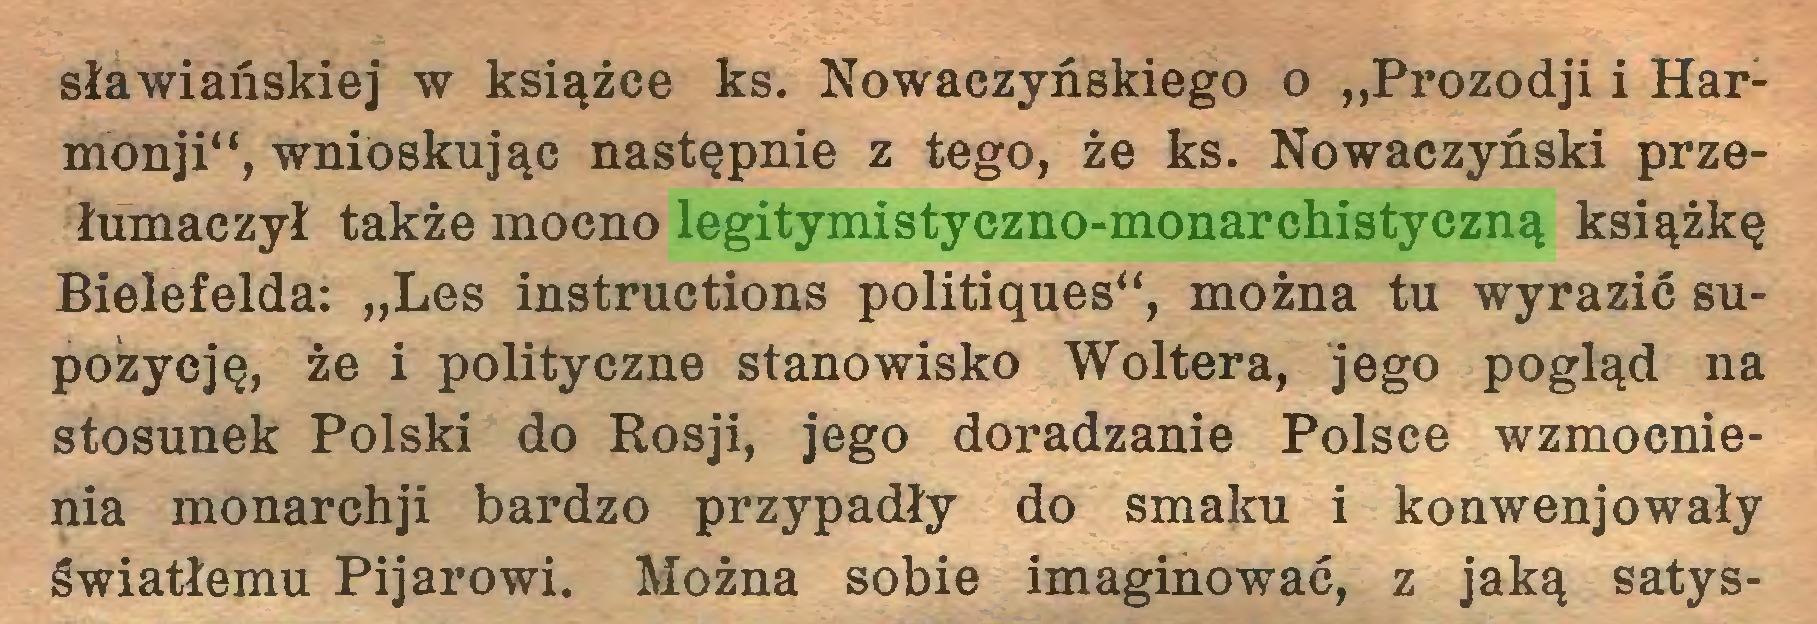 """(...) sławiańskiej w książce ks. Nowaczyńskiego o """"Prozodji i Harmonji"""", wnioskując następnie z tego, że ks. Nowaczyóski przełumaczył także mocno legitymistyczno-monarchistyczną książkę Bielefelda: """"Les instructions politiques"""", można tu wyrazić supozycję, że i polityczne stanowisko Woltera, jego pogląd na stosunek Polski do Rosji, jego doradzanie Polsce wzmocnienia monarchji bardzo przypadły do smaku i konwenjowały światłemu Pijarowi. Można sobie imaginować, z jaką satys..."""